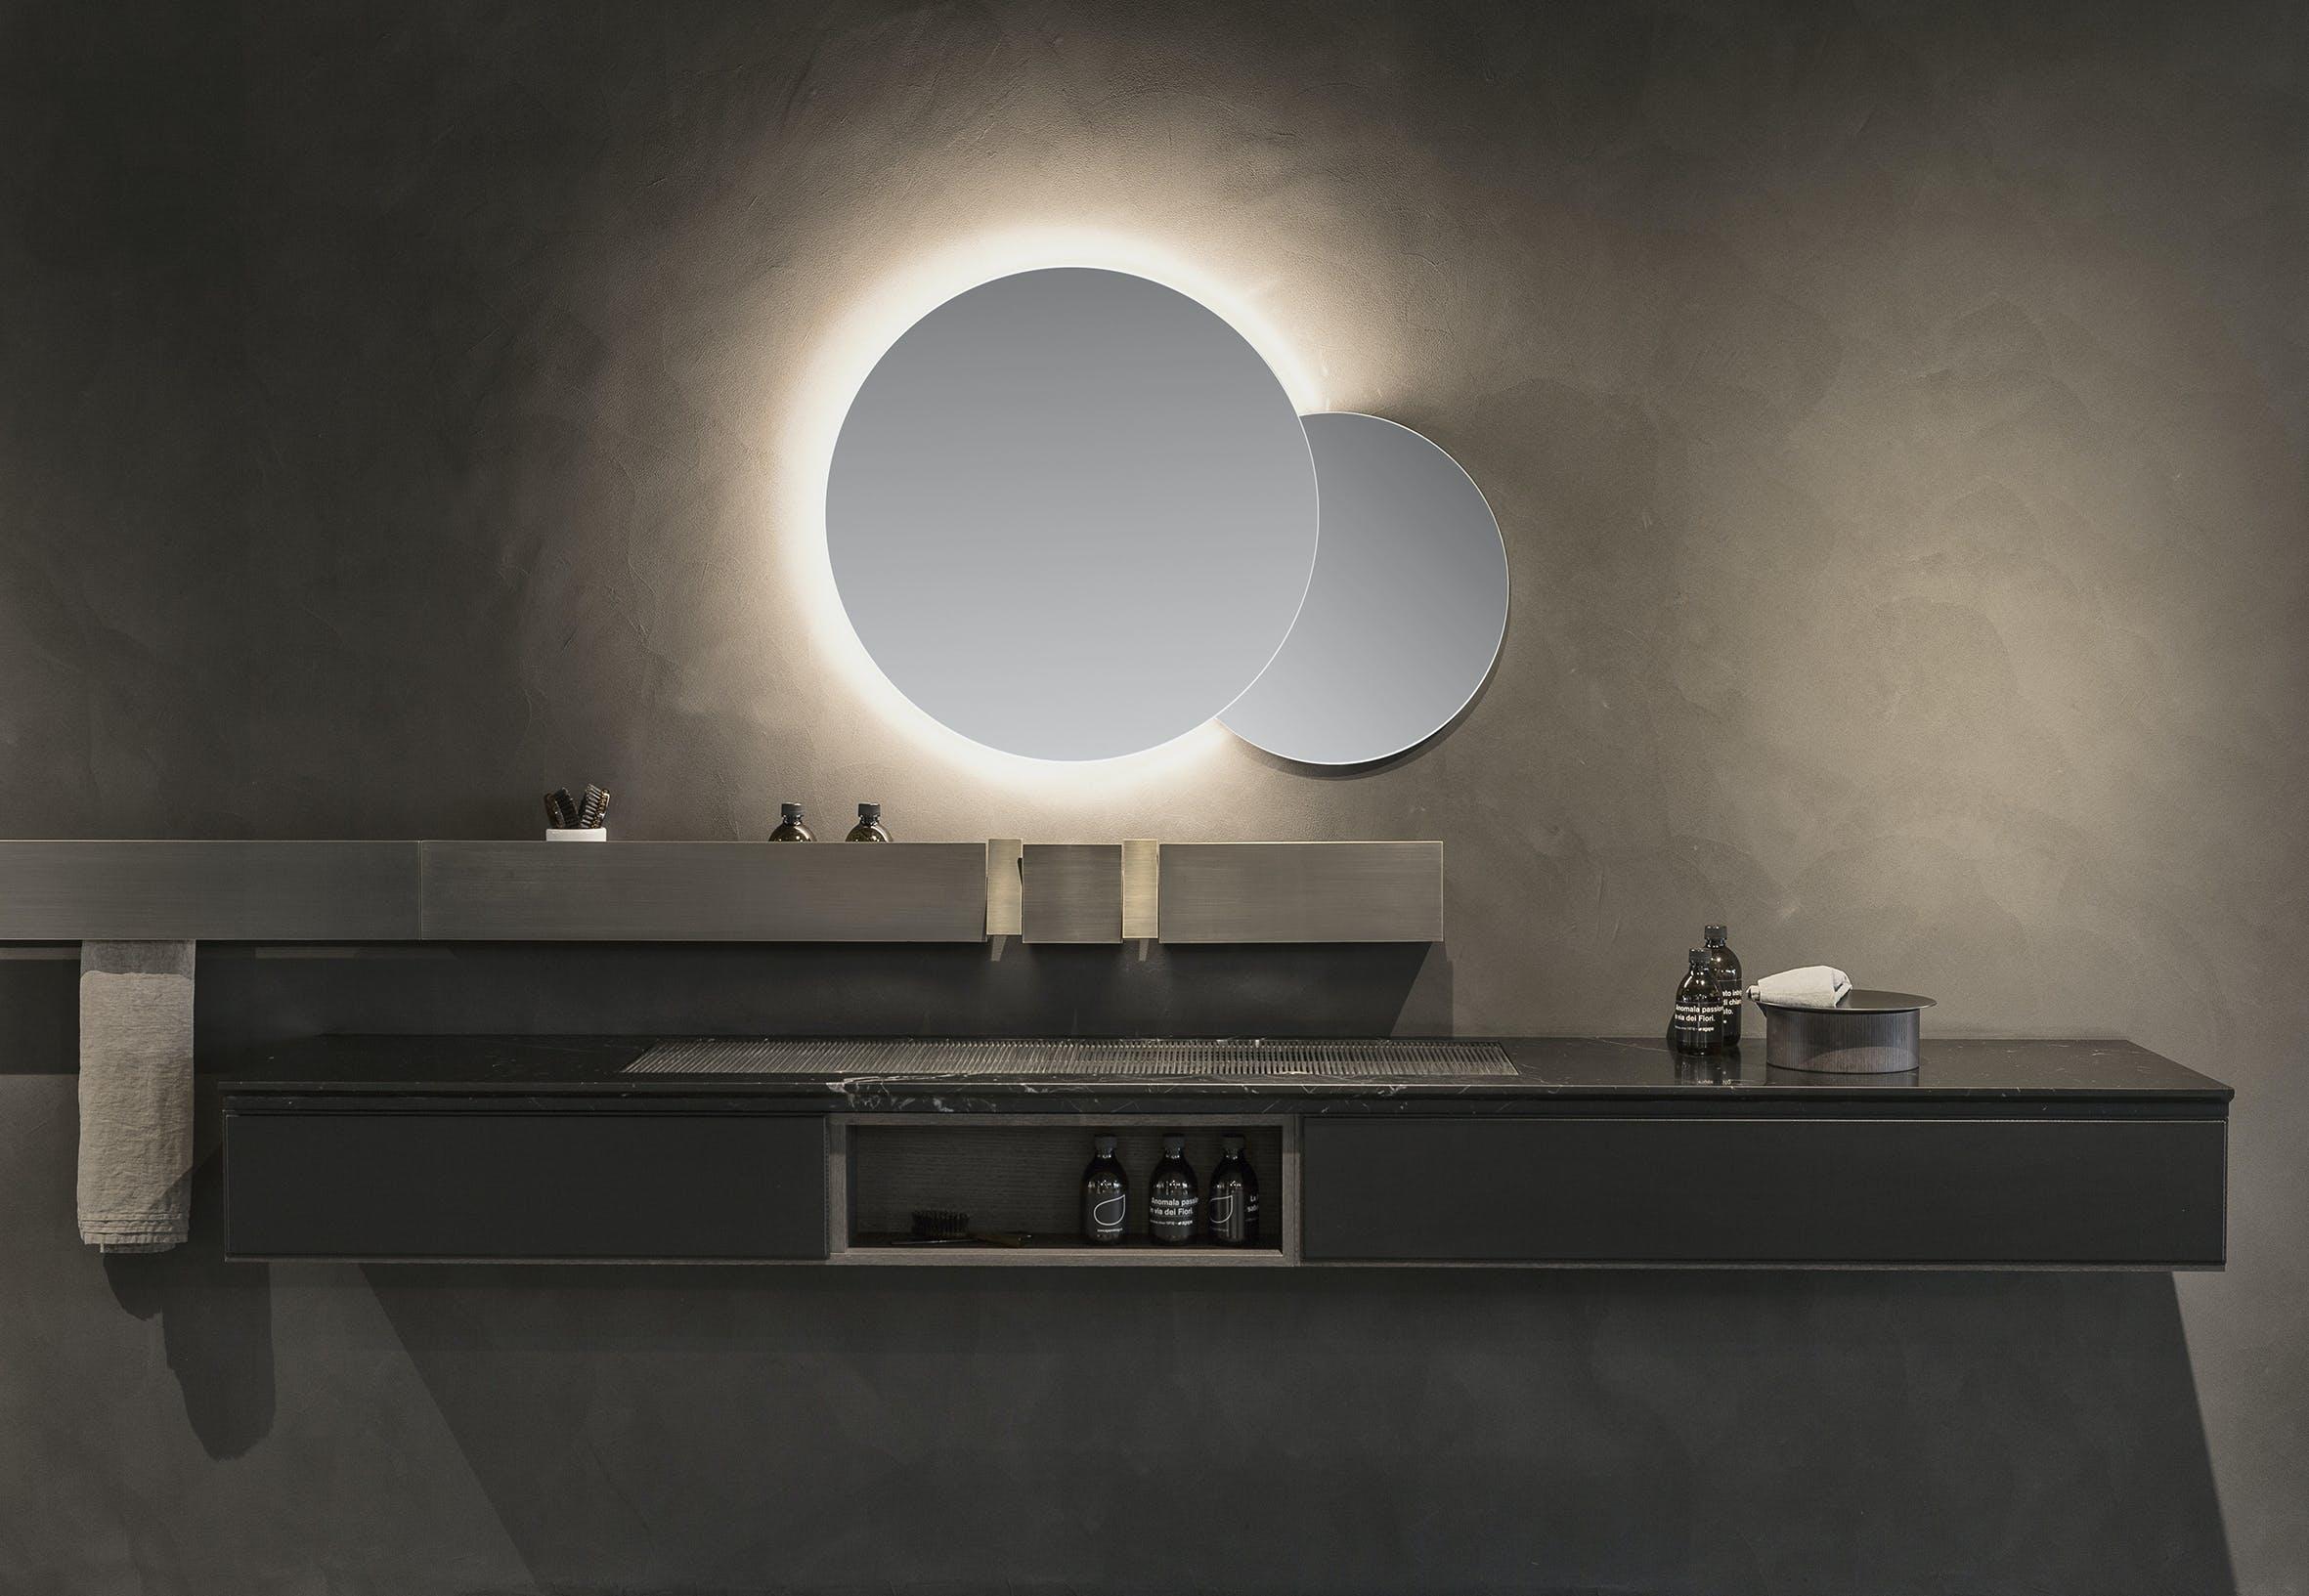 agape lampe med Eclissi-spejl